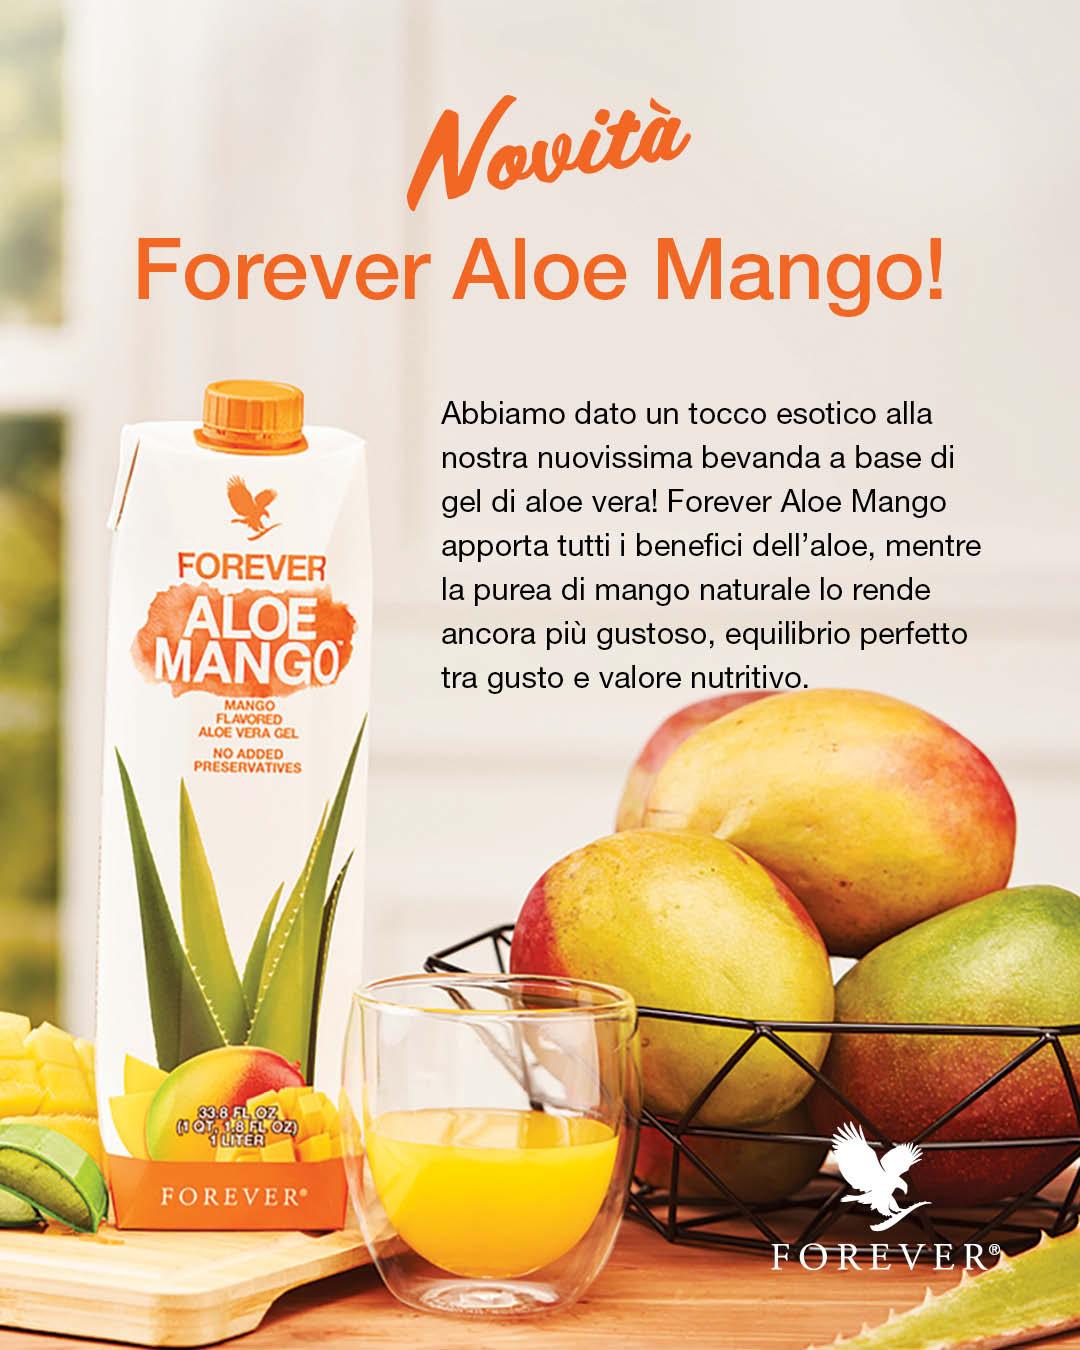 Aloe per l'estate - Nuovo Forever Aloe Mango - Succoaloevera